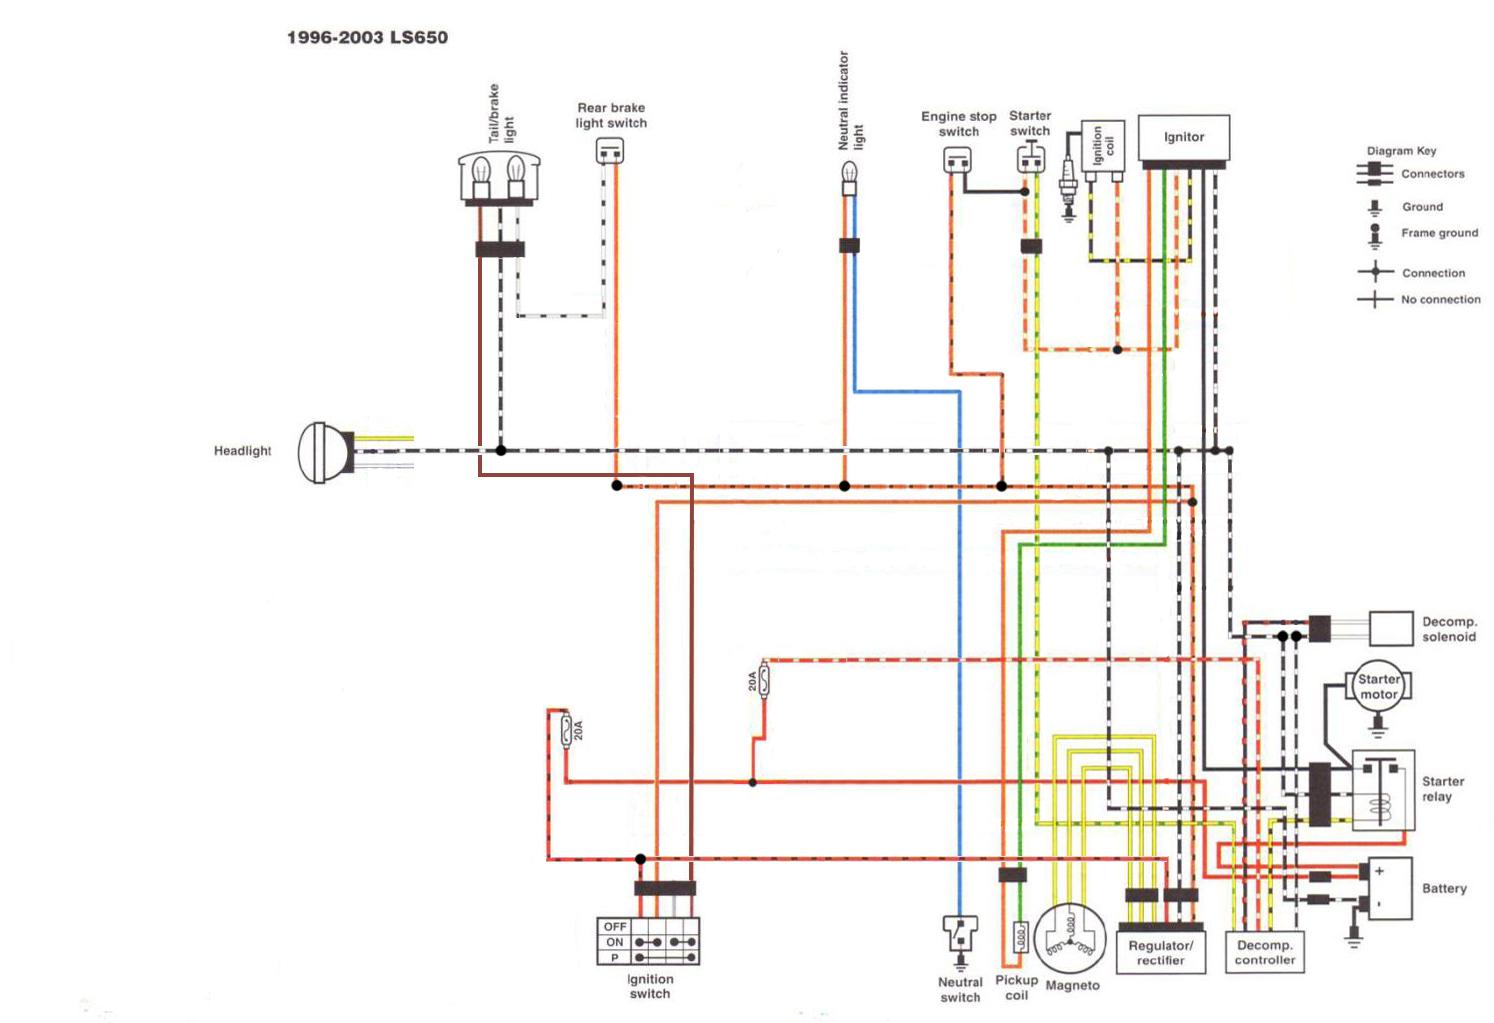 Suzuki Motorcycle Wiring Color Codes from suzukisavage.com